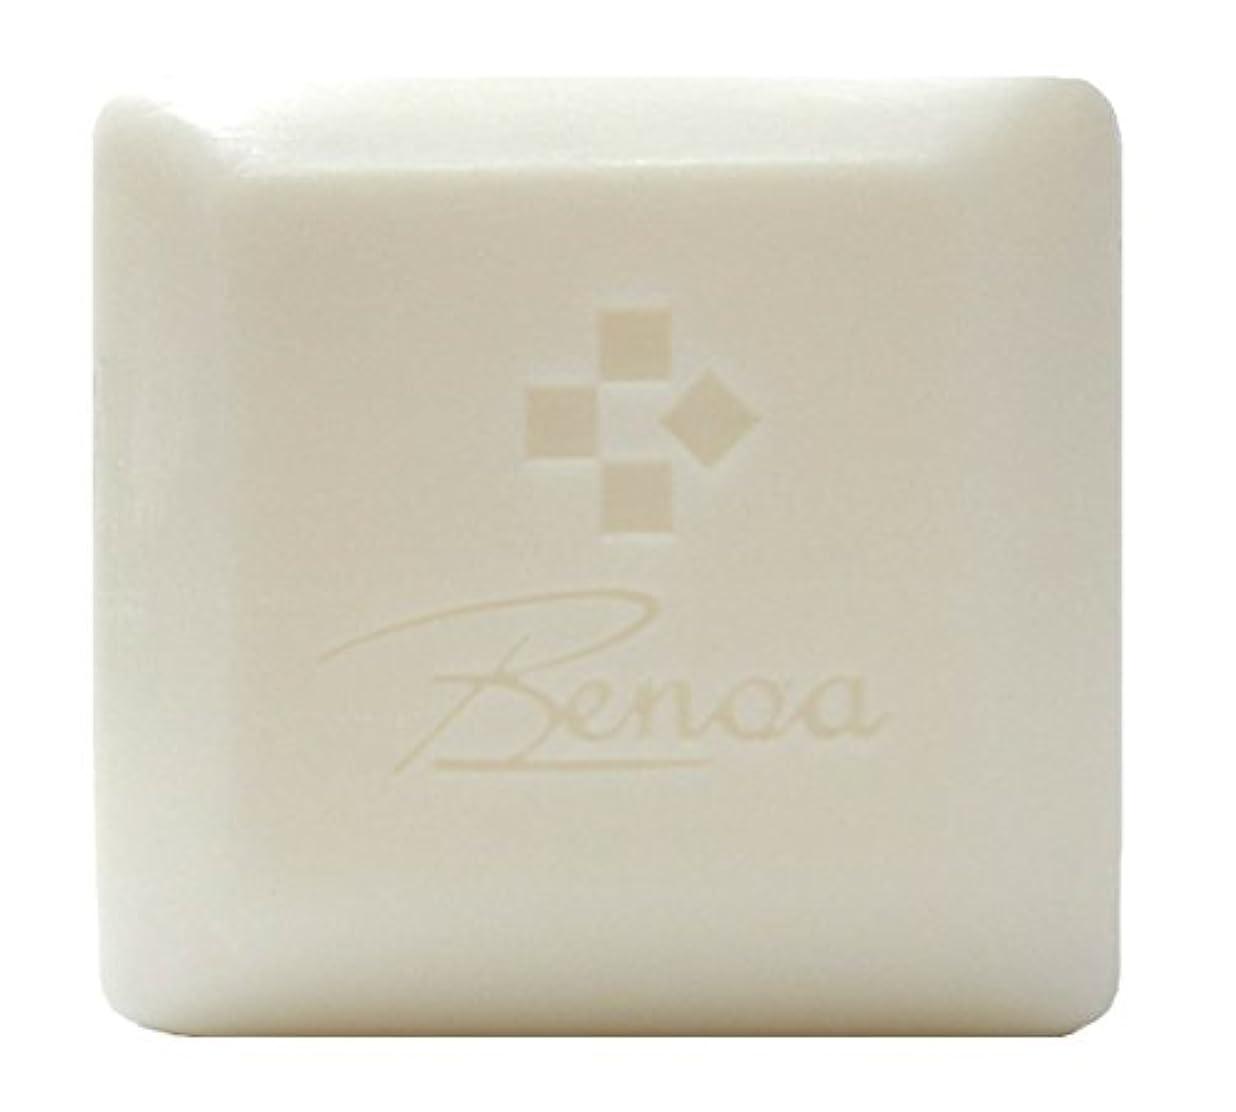 広く皮肉公式Benoa【ベノア】ベノア?ジァパン コラーゲンソープ【石鹸】